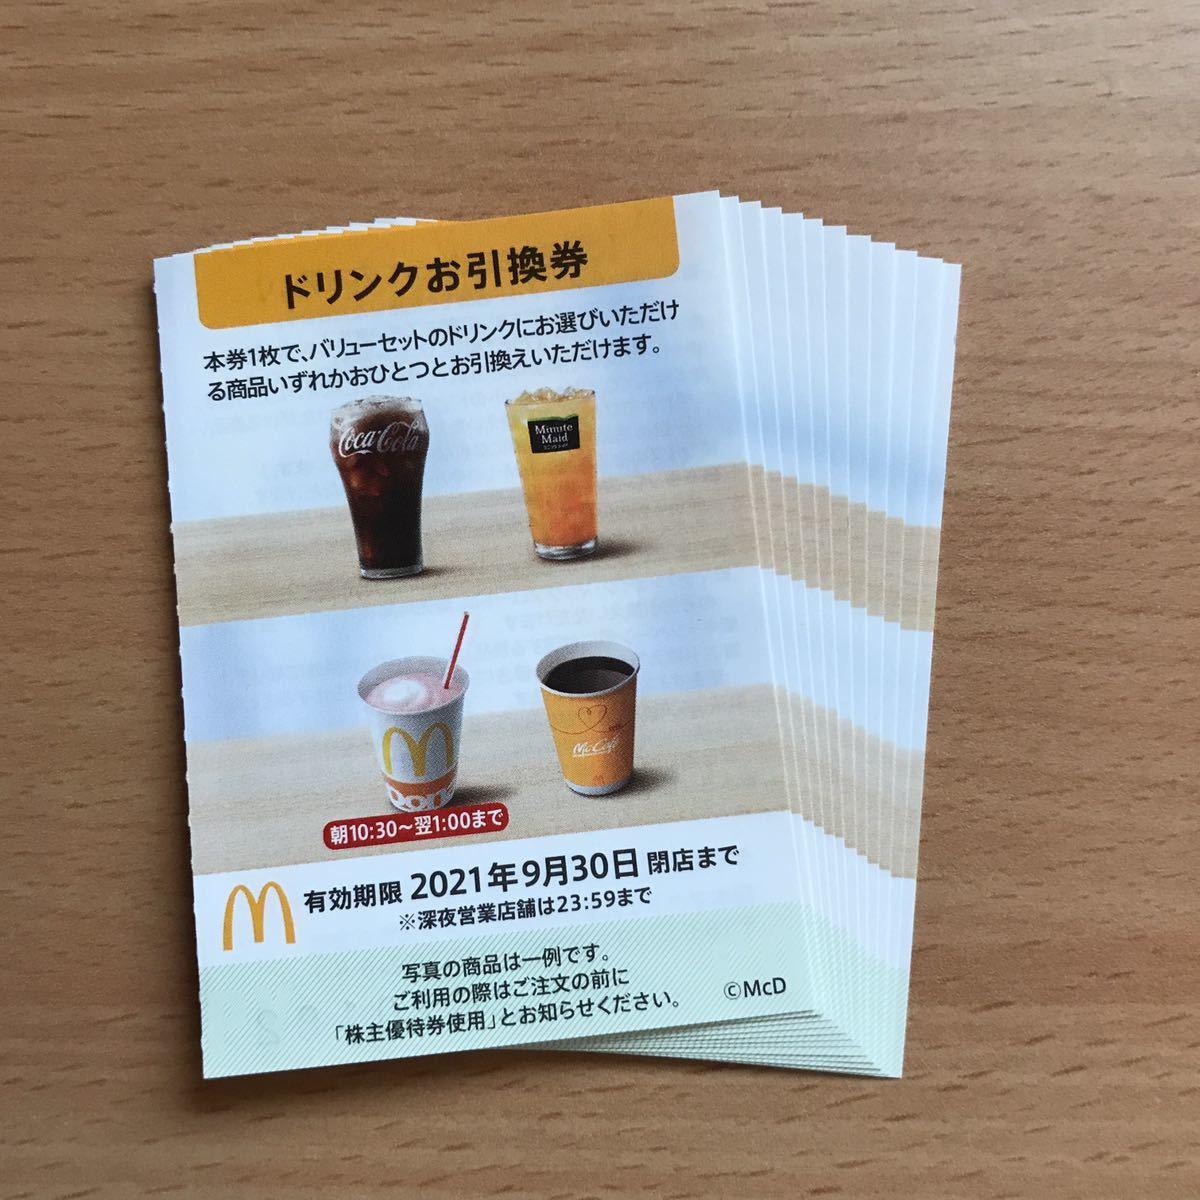 マクドナルド★株主優待★ドリンク引換券のみ 12枚 ③_画像1